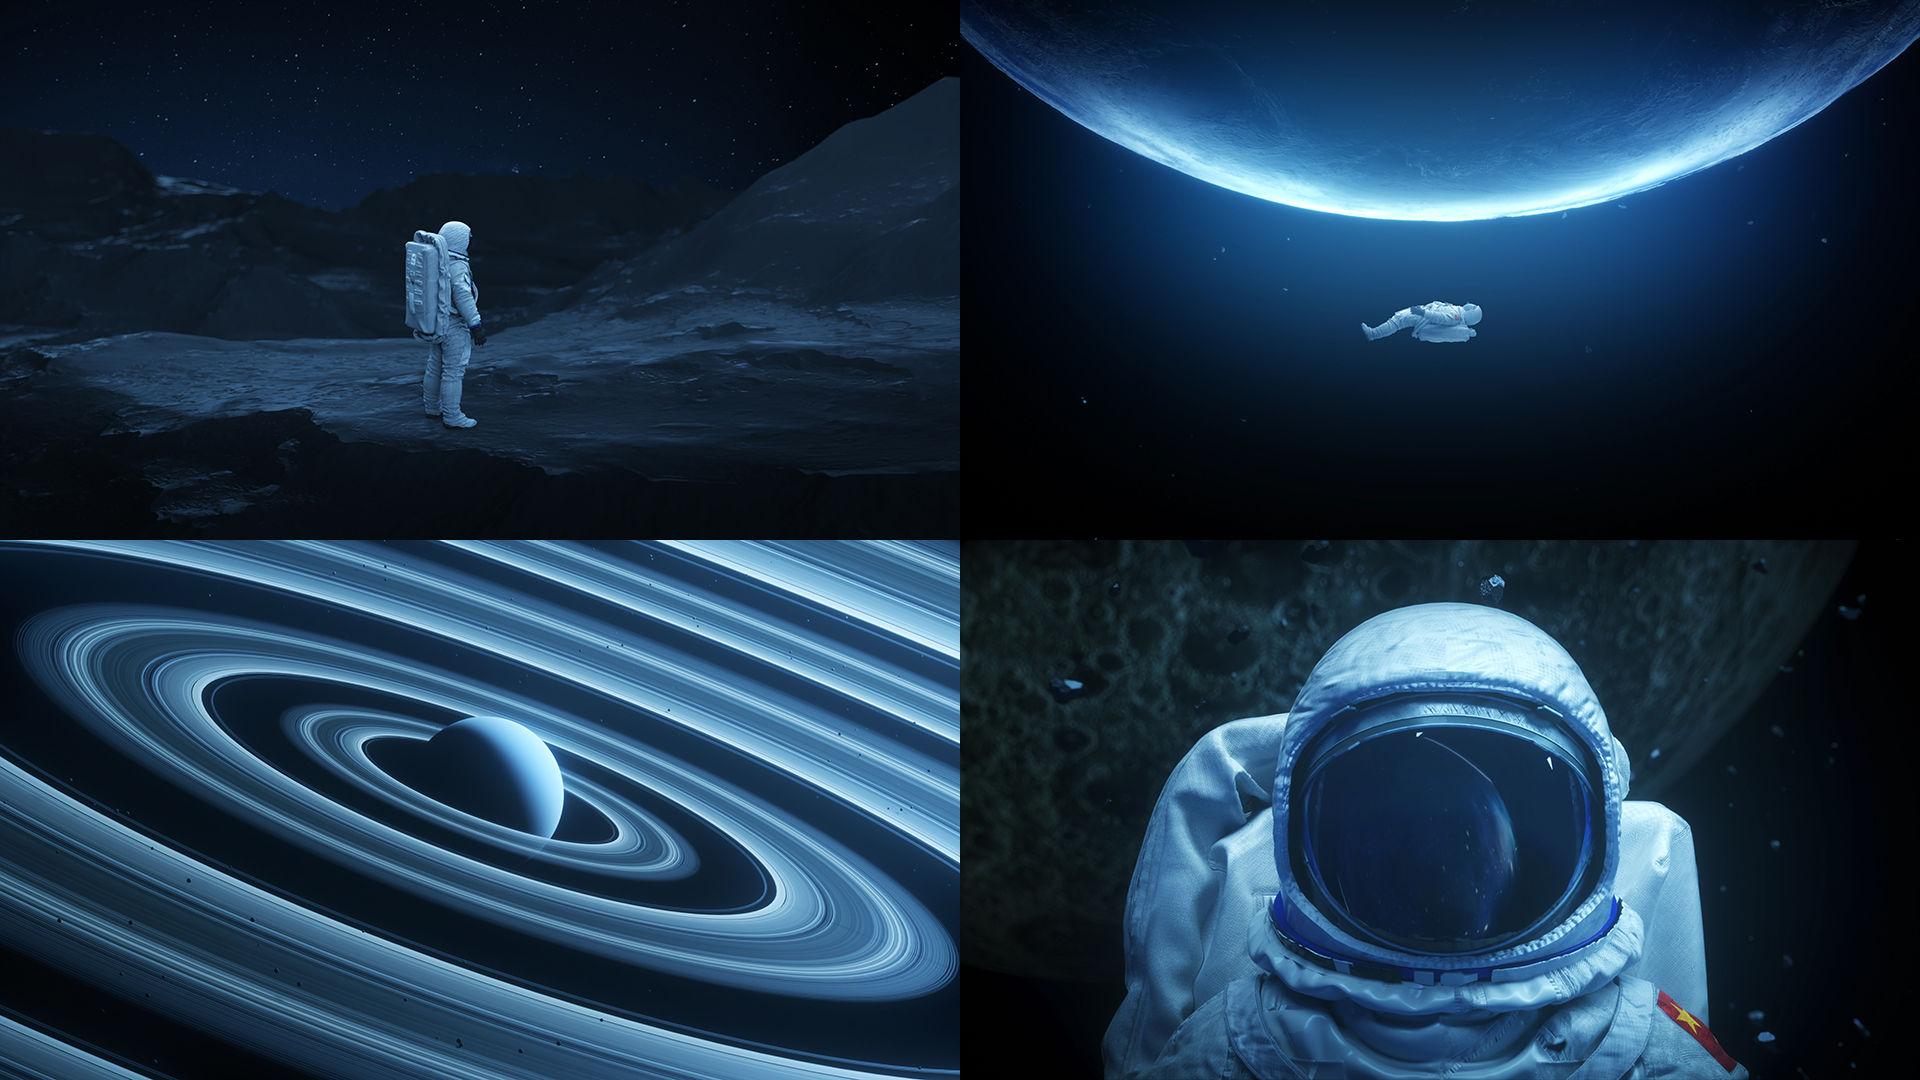 太空银河系宇航员特技镜头_工程